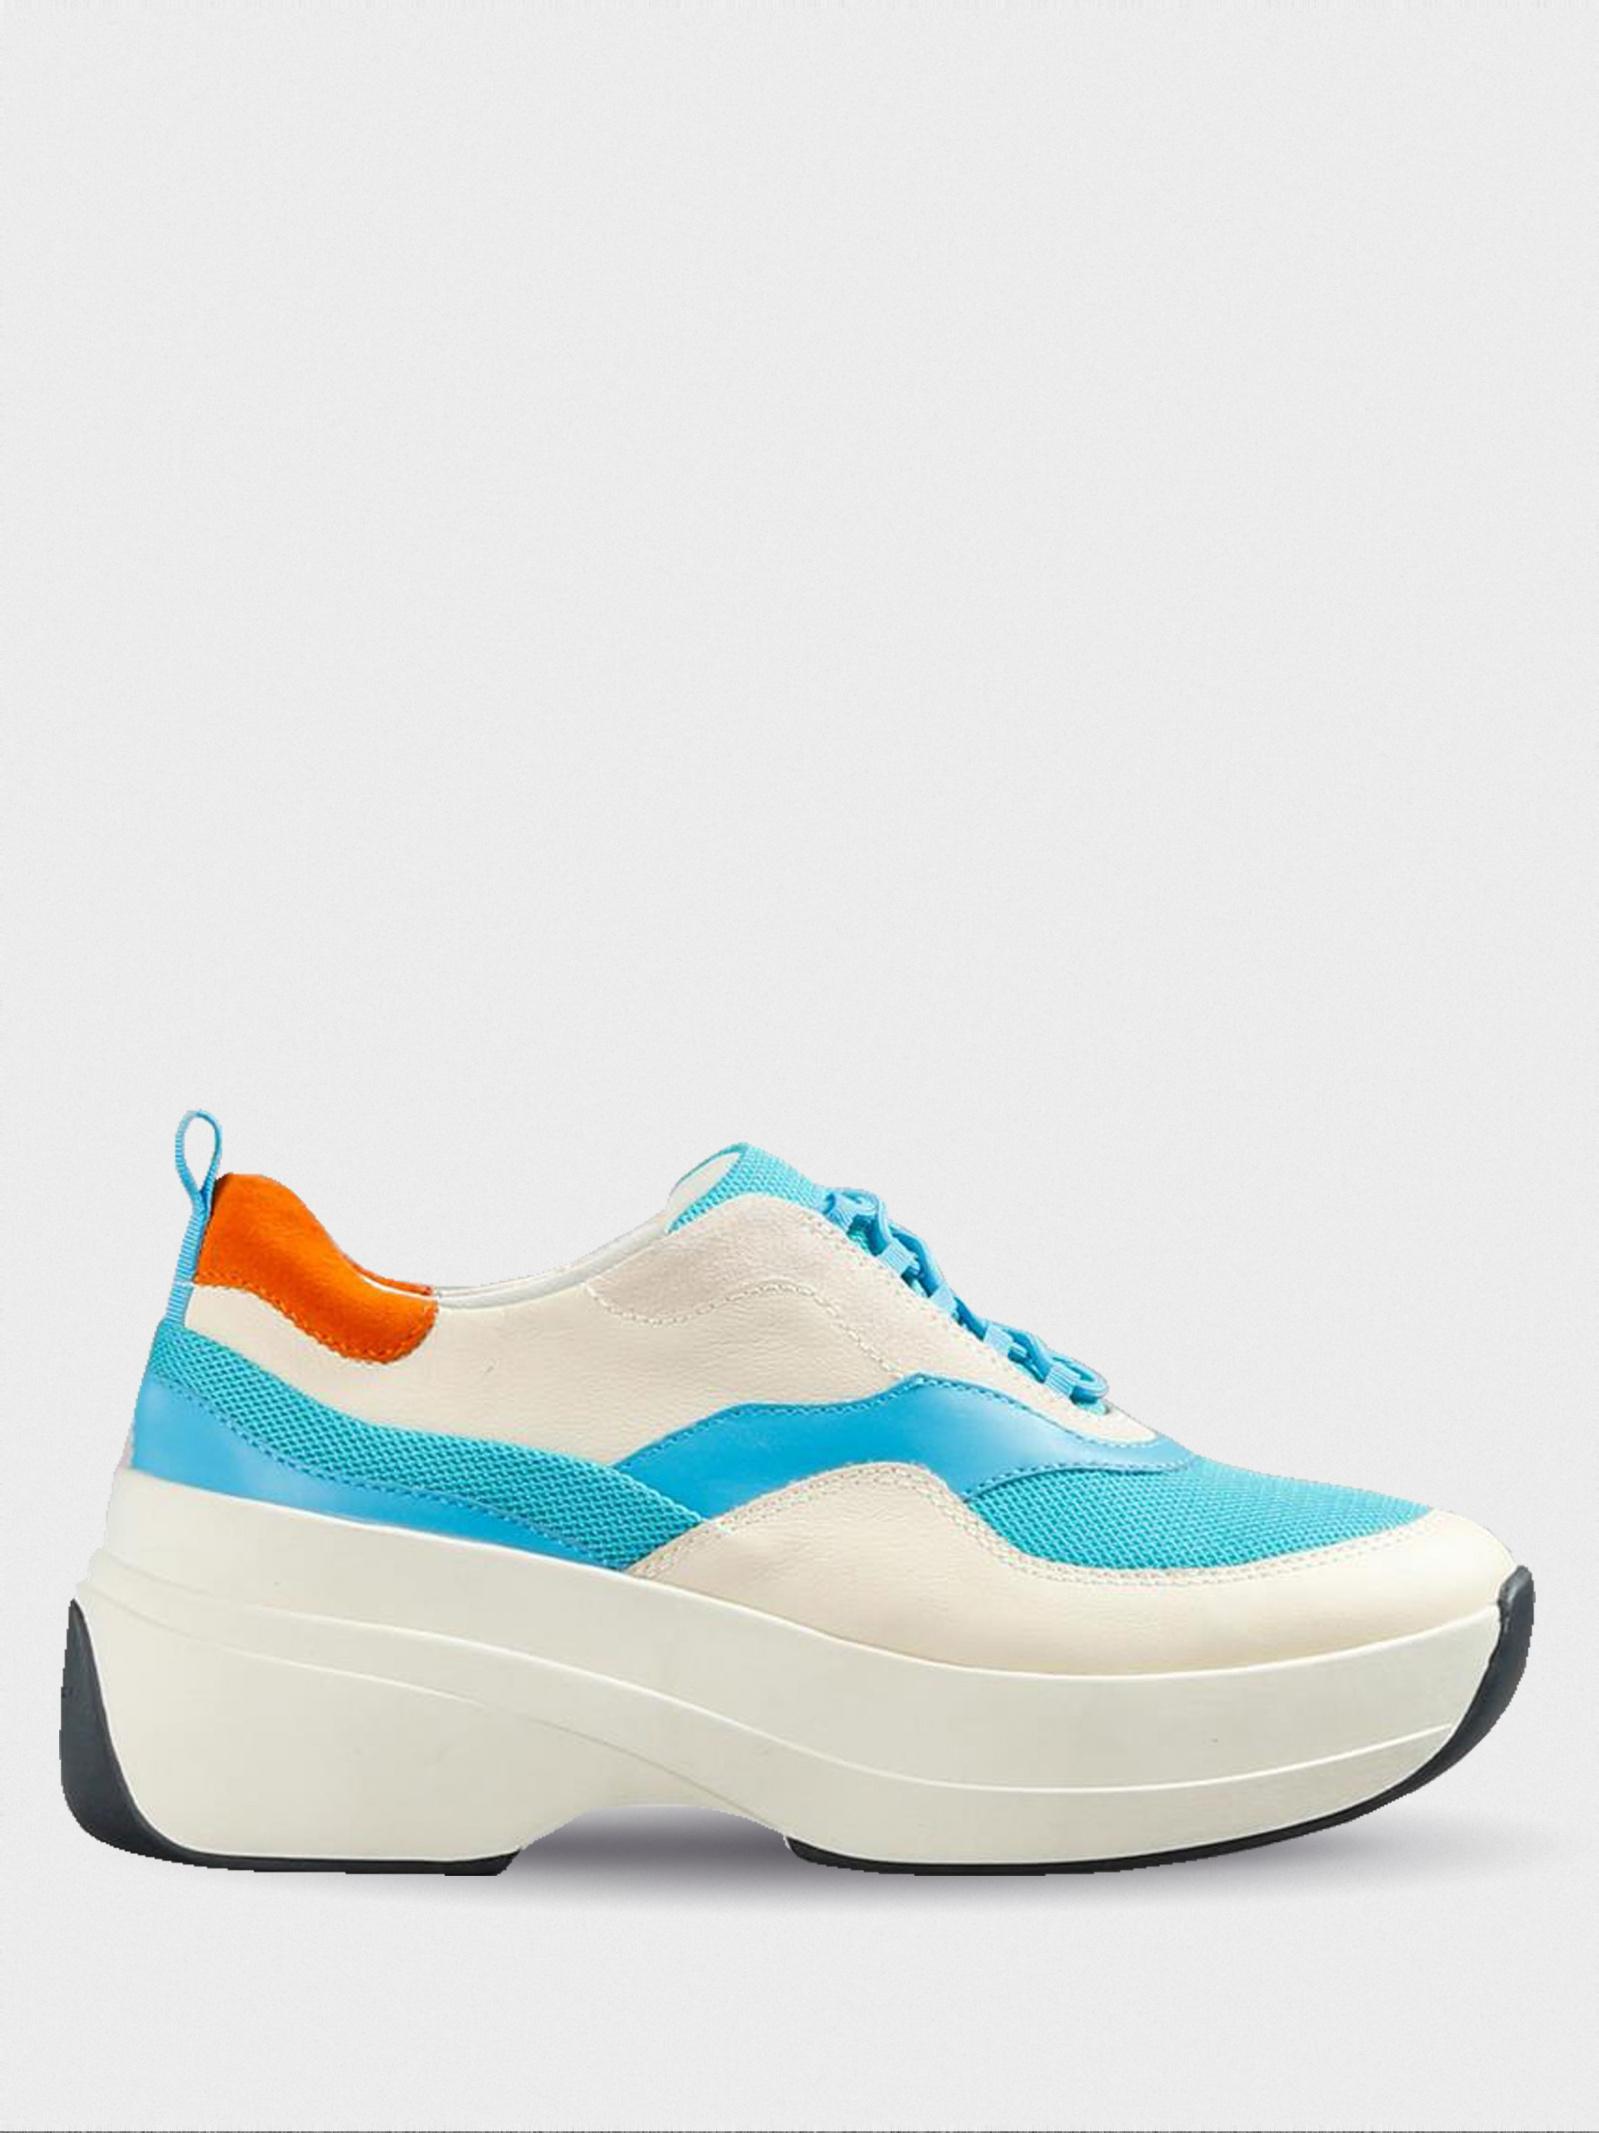 Кросівки  жіночі VAGABOND SPRINT 2.0 4829-202-79 купити в Iнтертоп, 2017